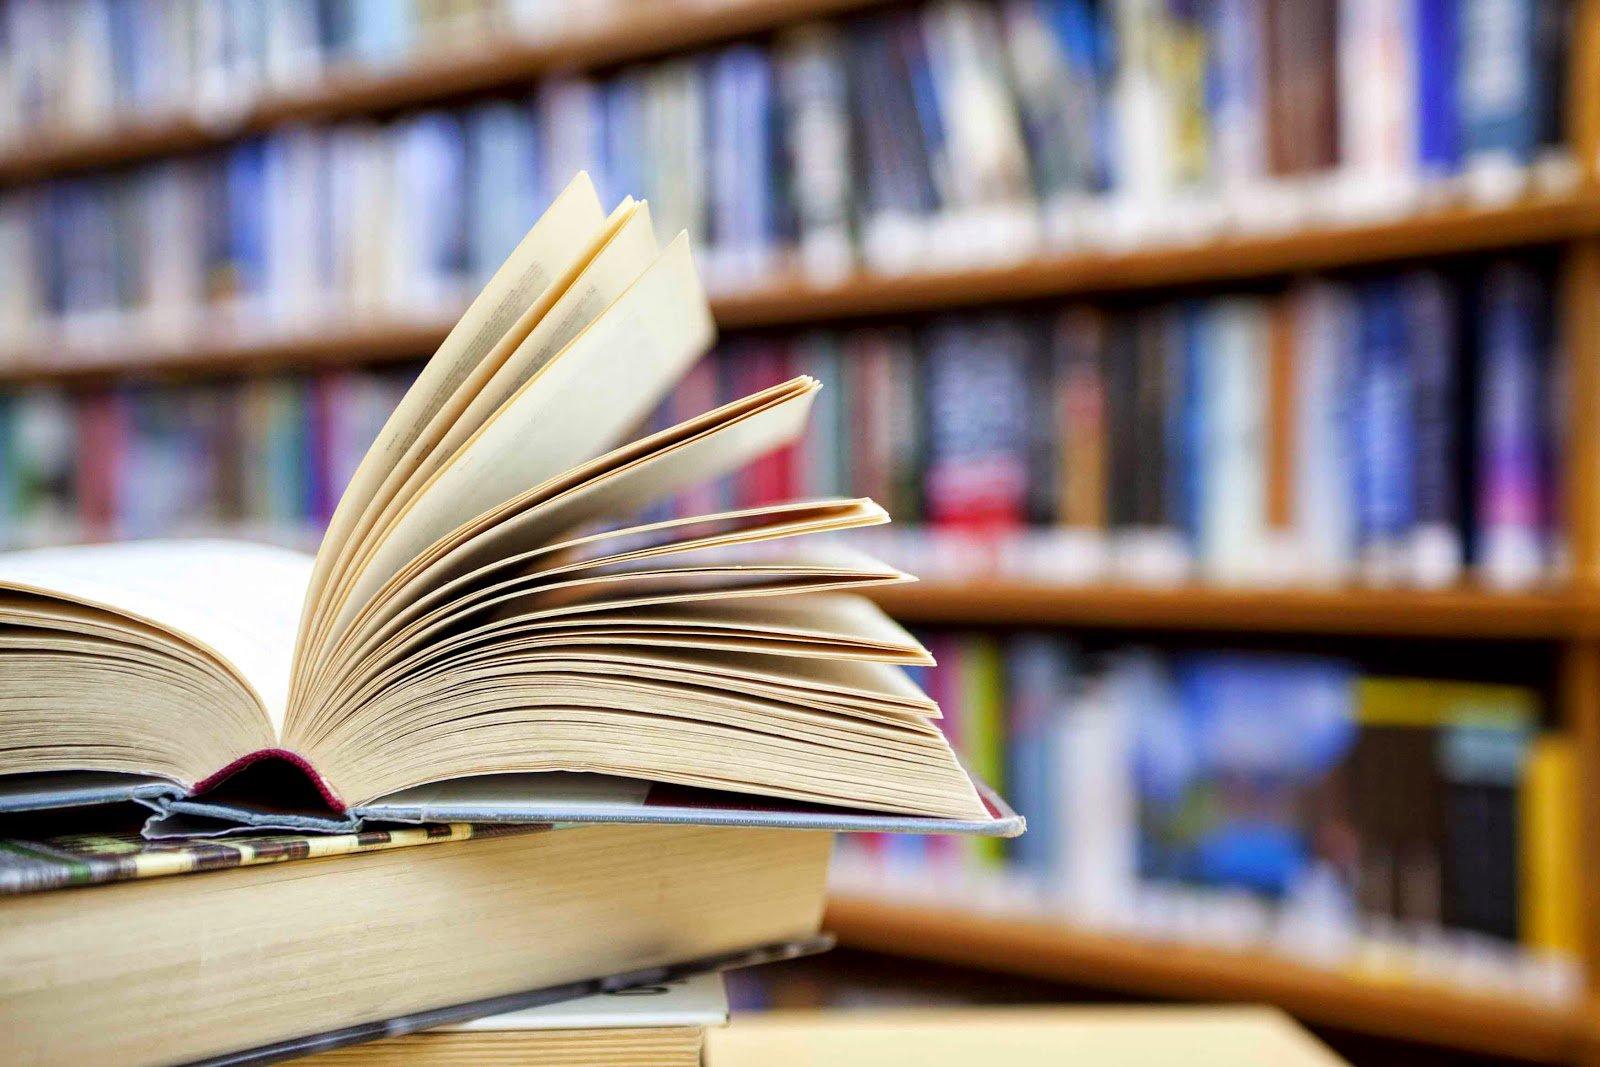 Livros produzidos em Fortaleza estão 20% mais caros